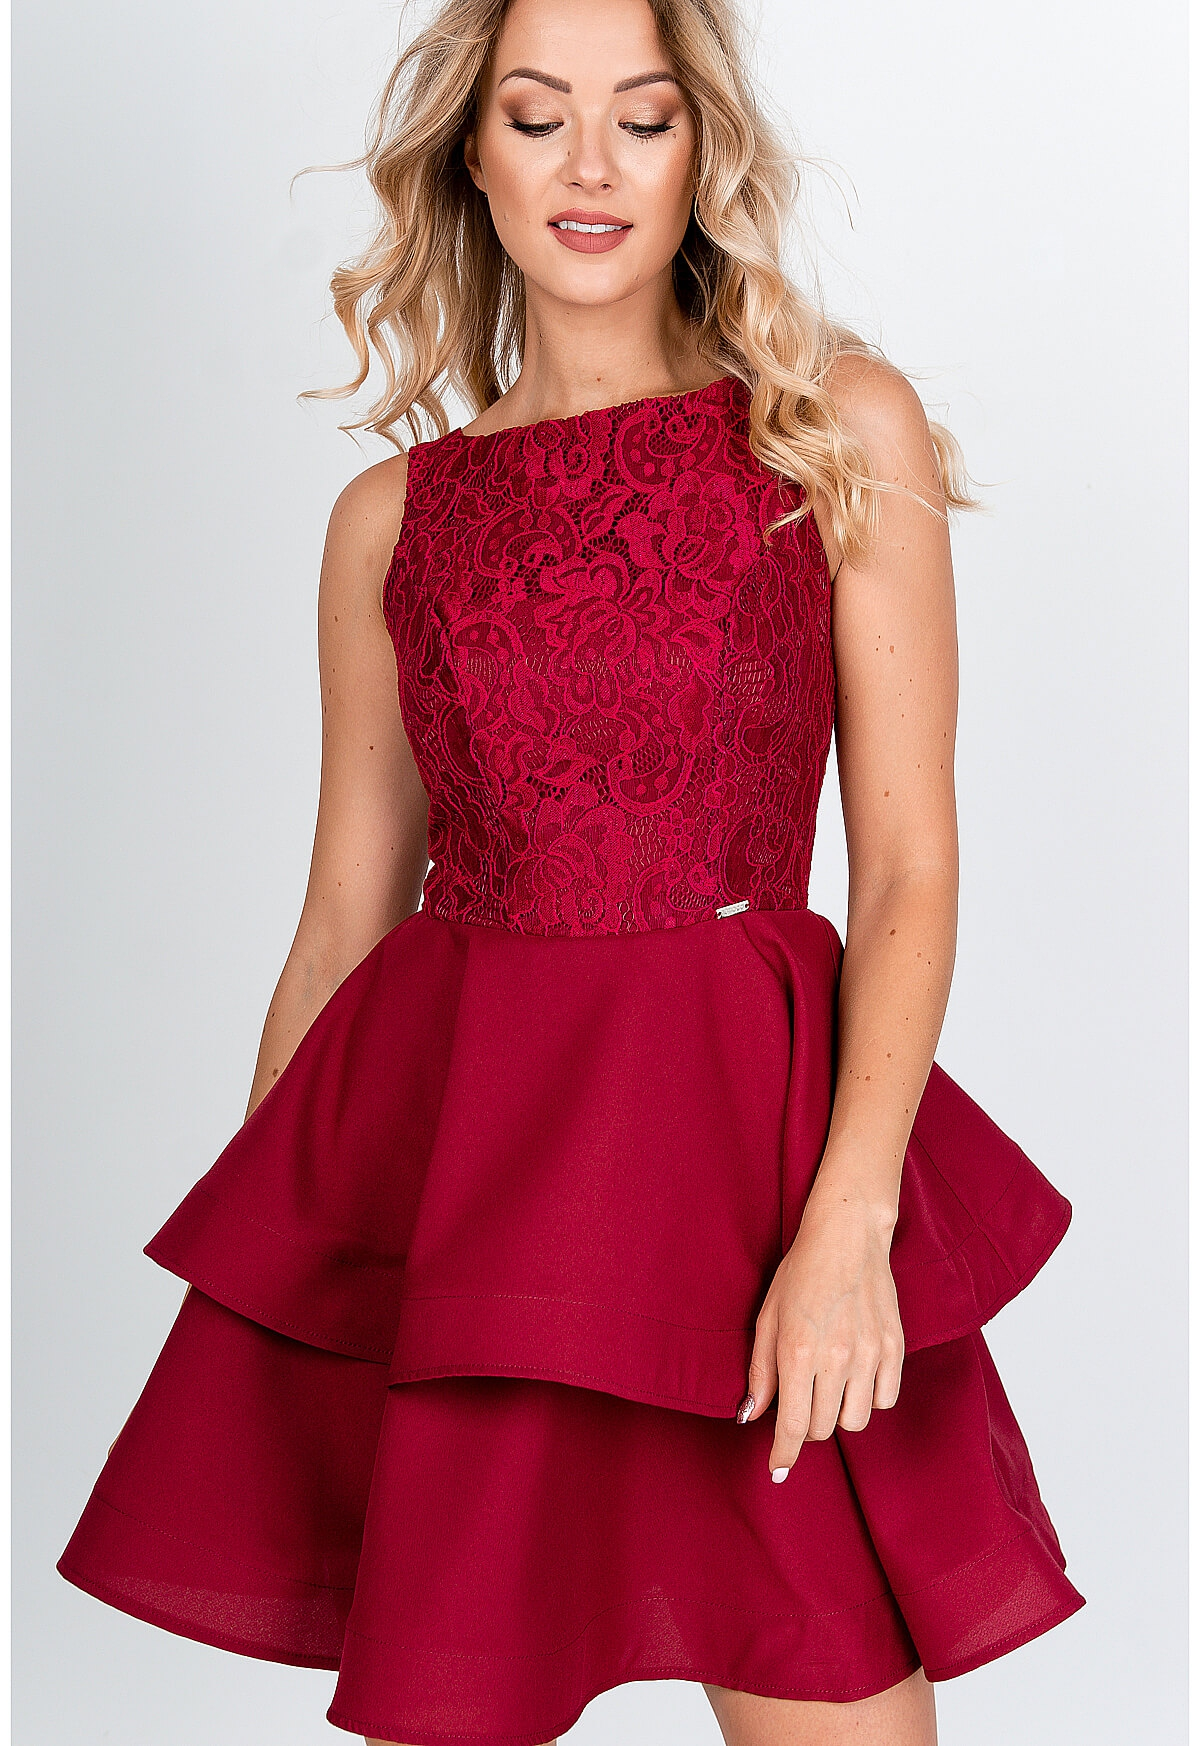 Bordové spoločenské šaty so skladanou sukňou - S